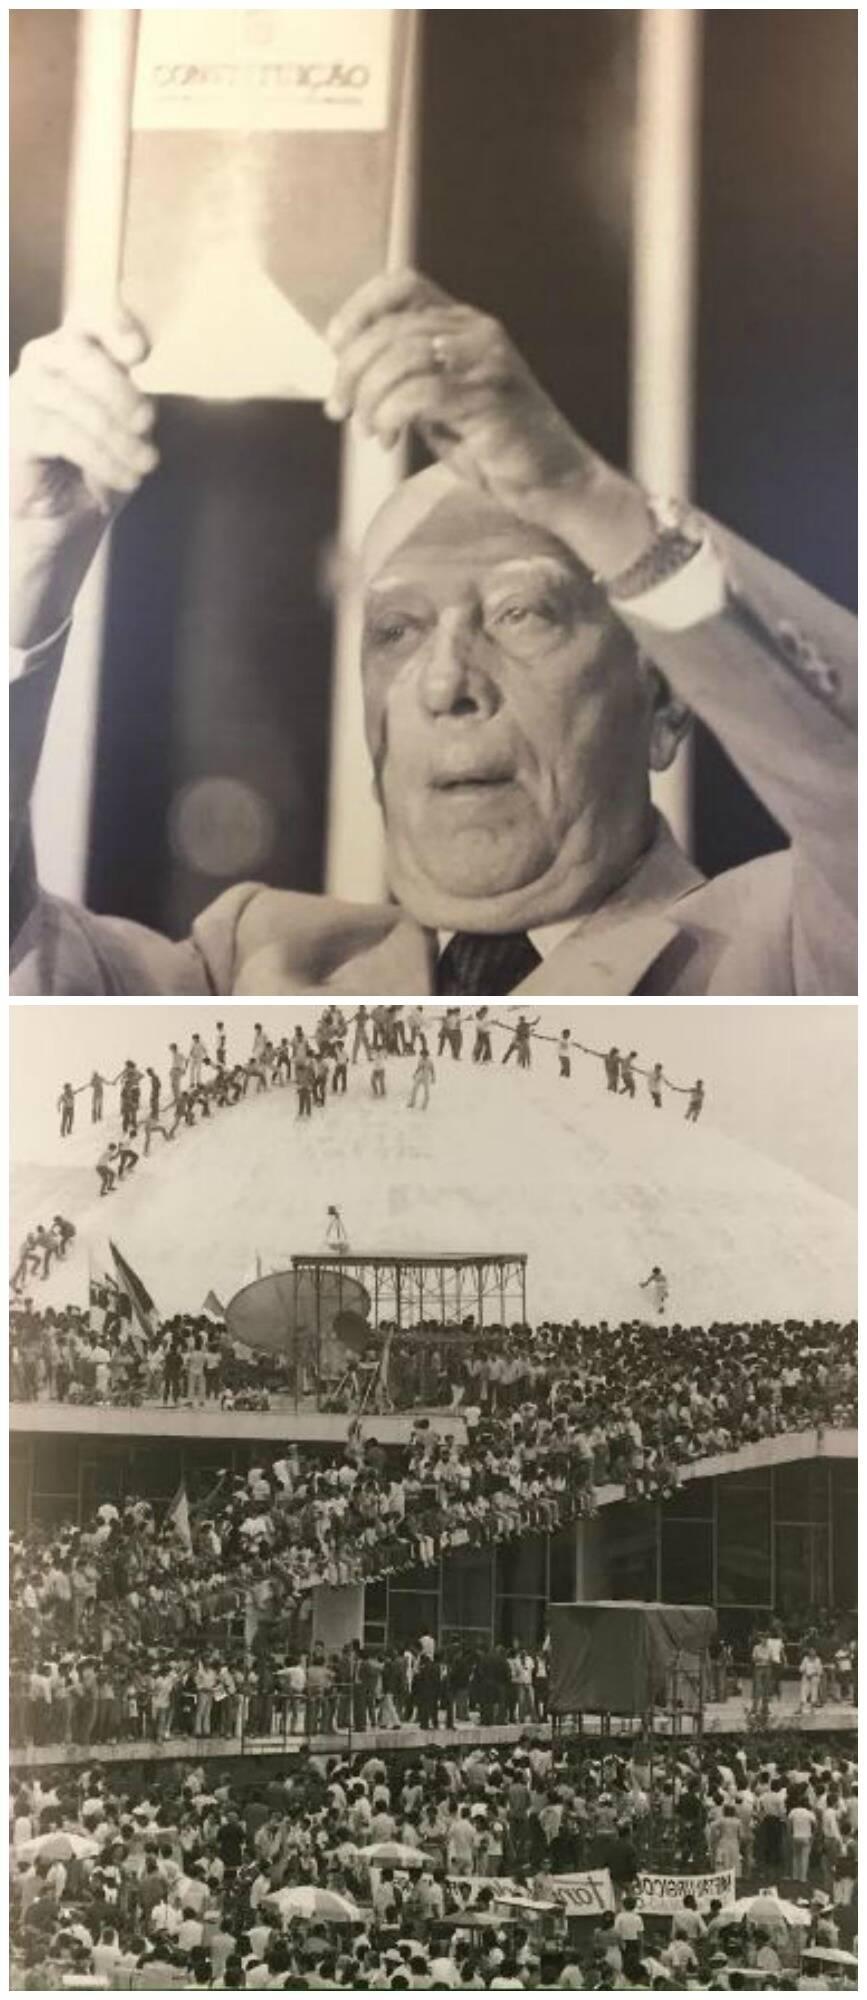 Ulysses Guimarães, no alto, levantando um exemplar da Constituição; acima, a multidão tomando o Congresso no movimento das Diretas, Já / Fotos: arquivo da Biblioteca Nacional